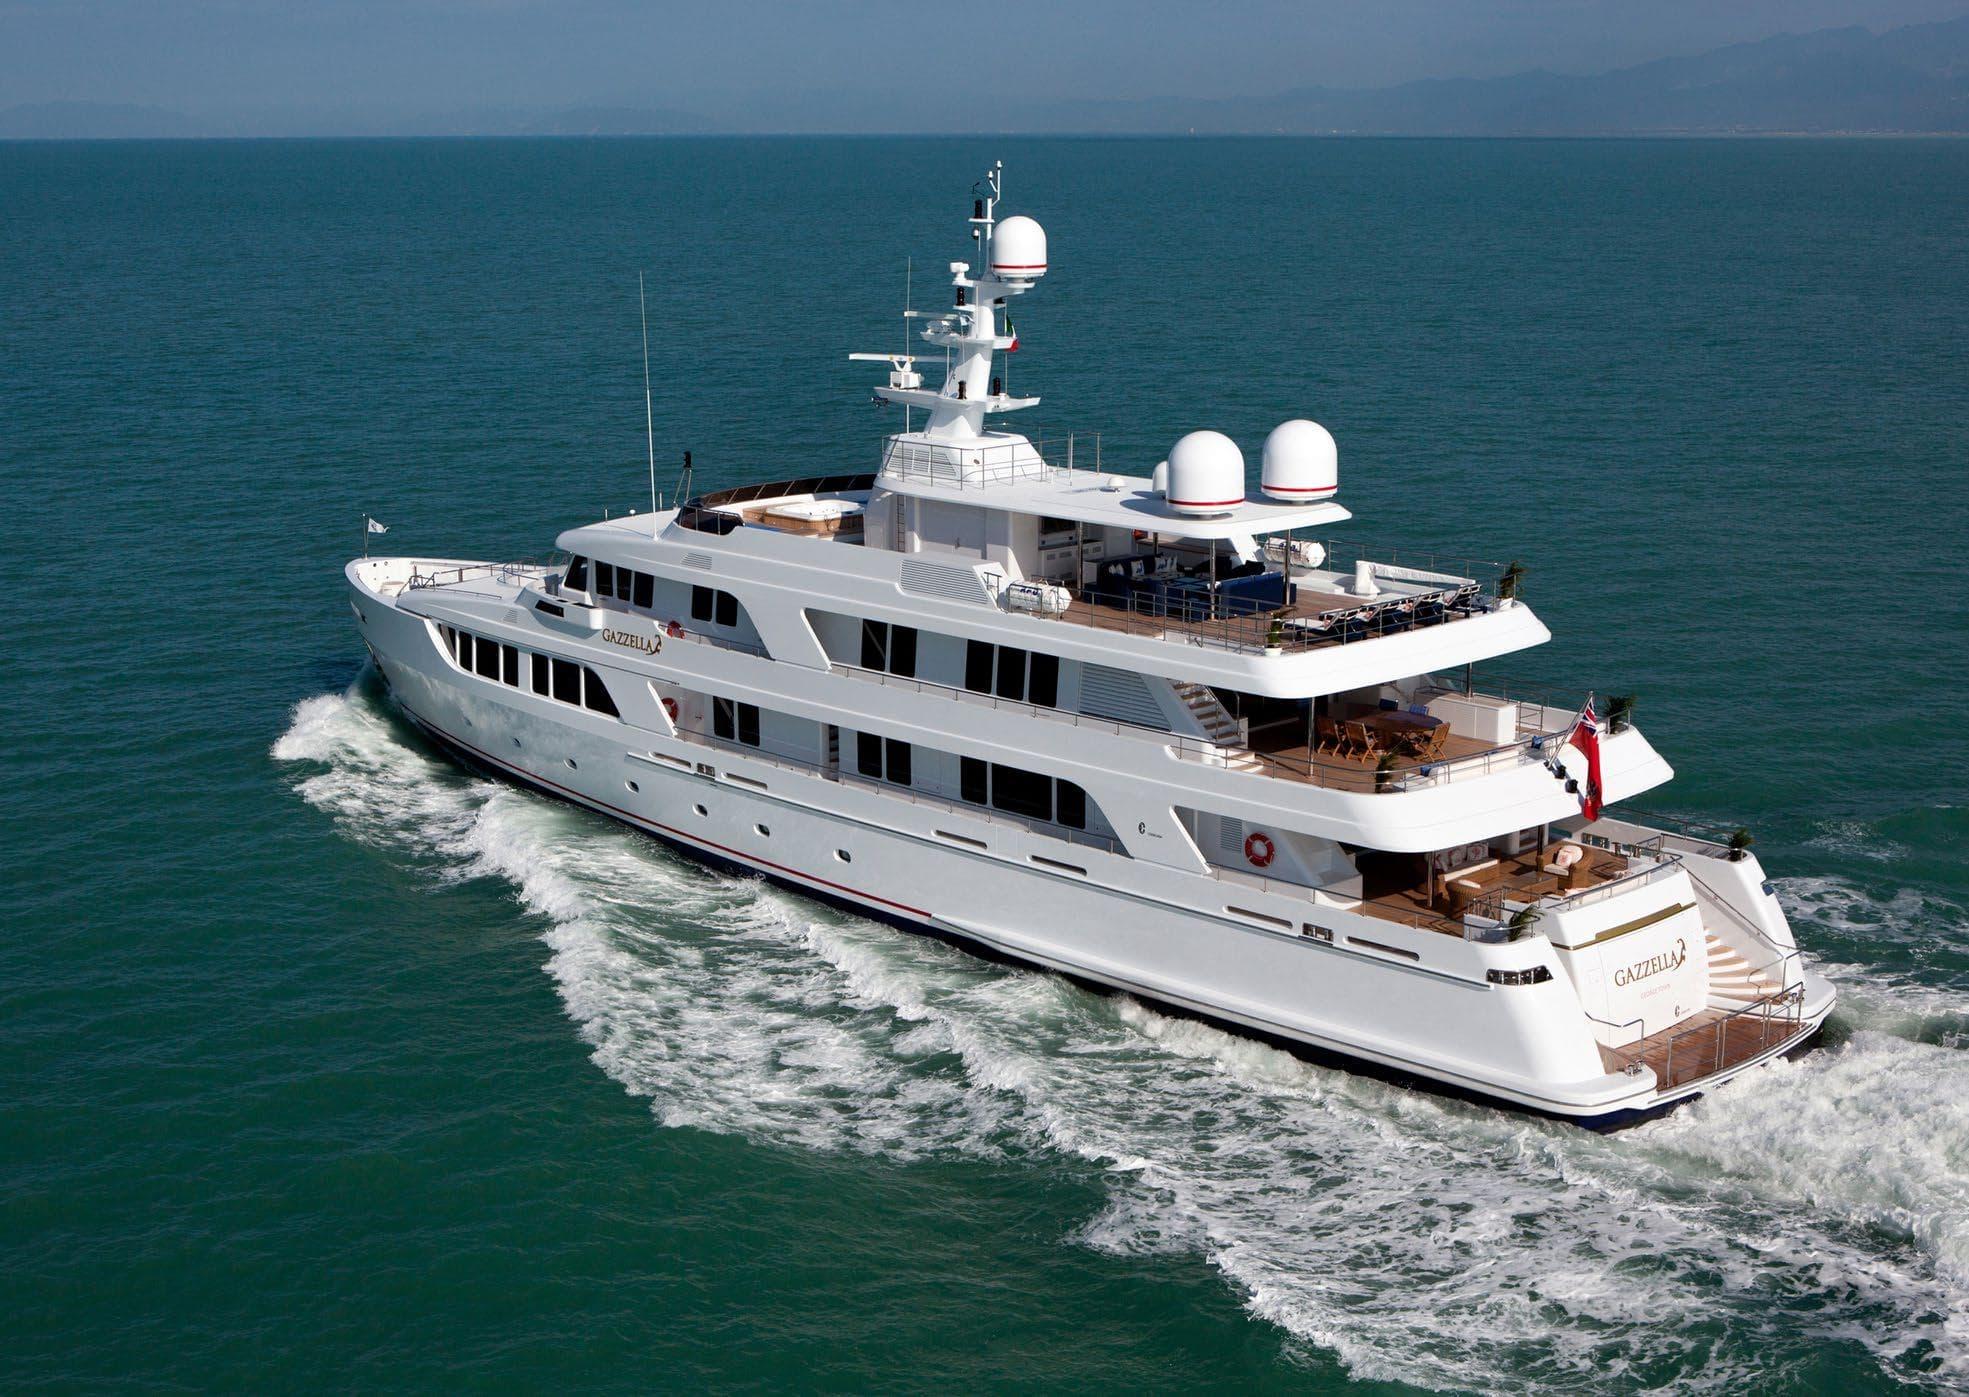 Image of Gazzella II 50.0M (164.0FT) motor yacht